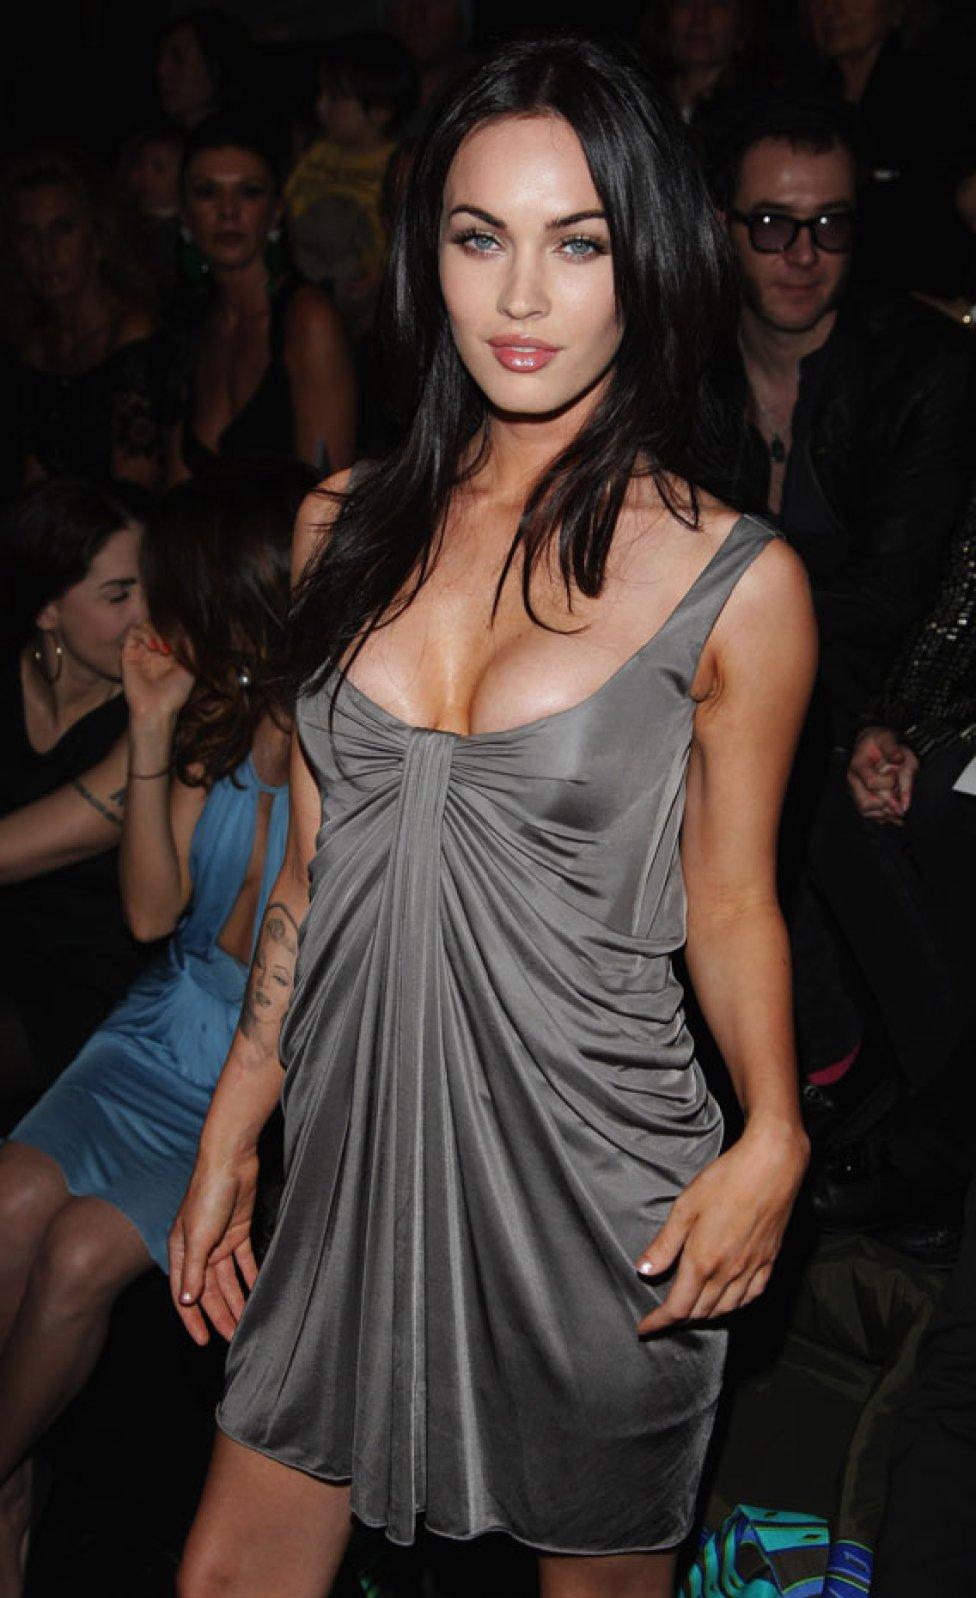 33 Años De Megan Fox Una De Las Mujeres Más Sexys Del Mundo